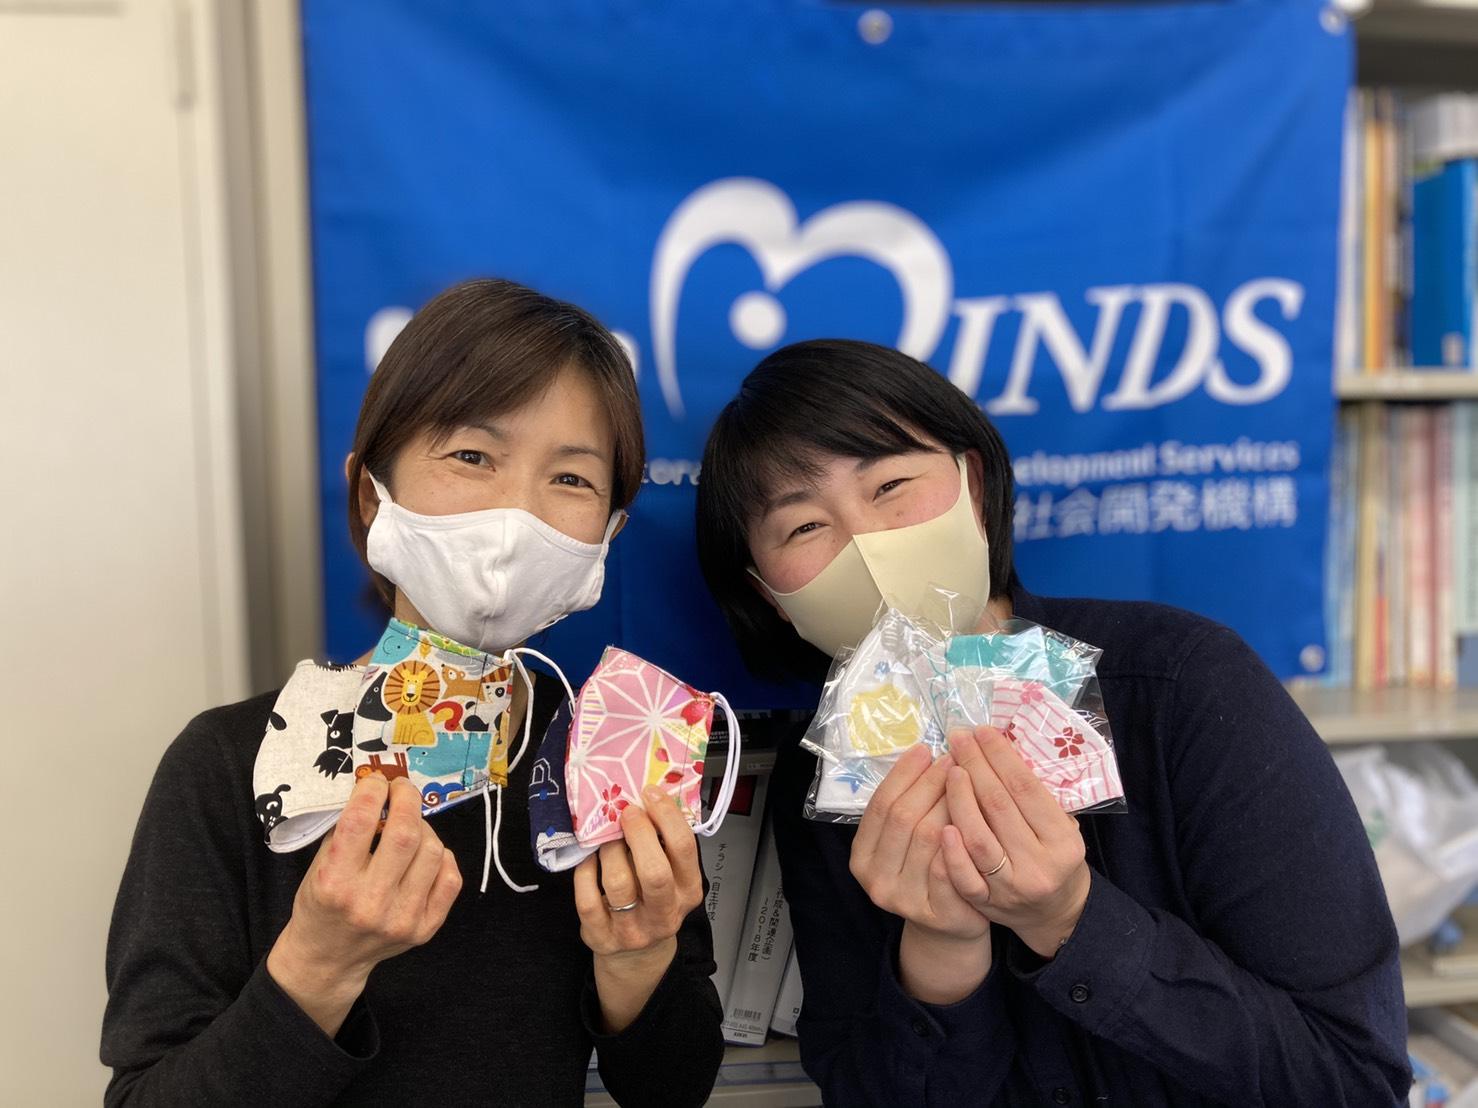 手作りマスクがAMDA-MINDS事務所様に届きました!